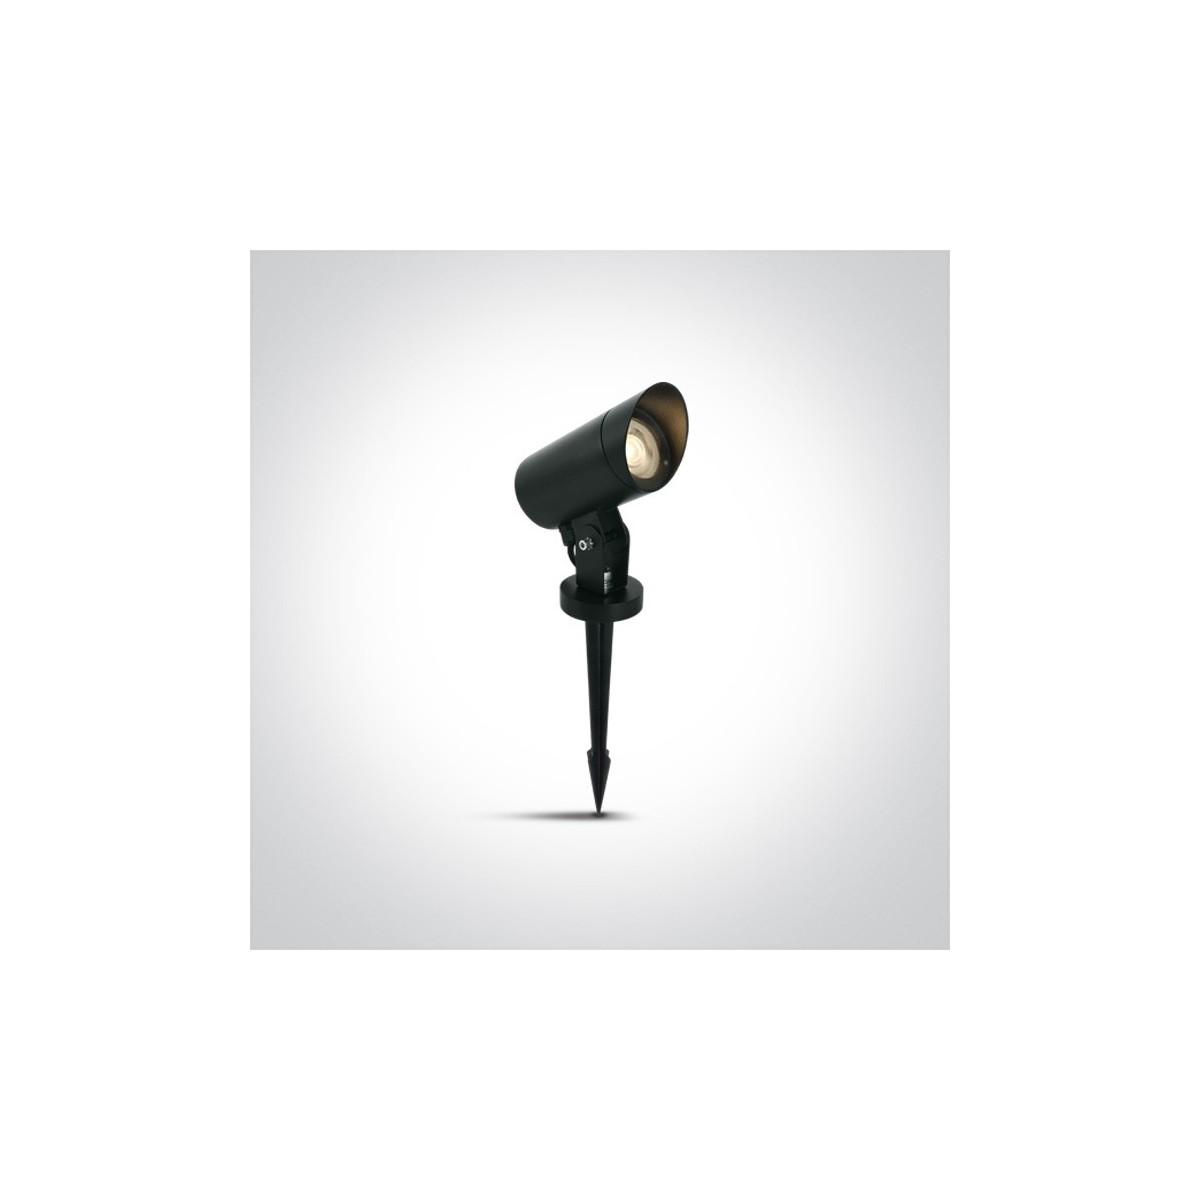 One Light czarna lampa ogrodowa z kolcem Doumena 67464G/B IP65